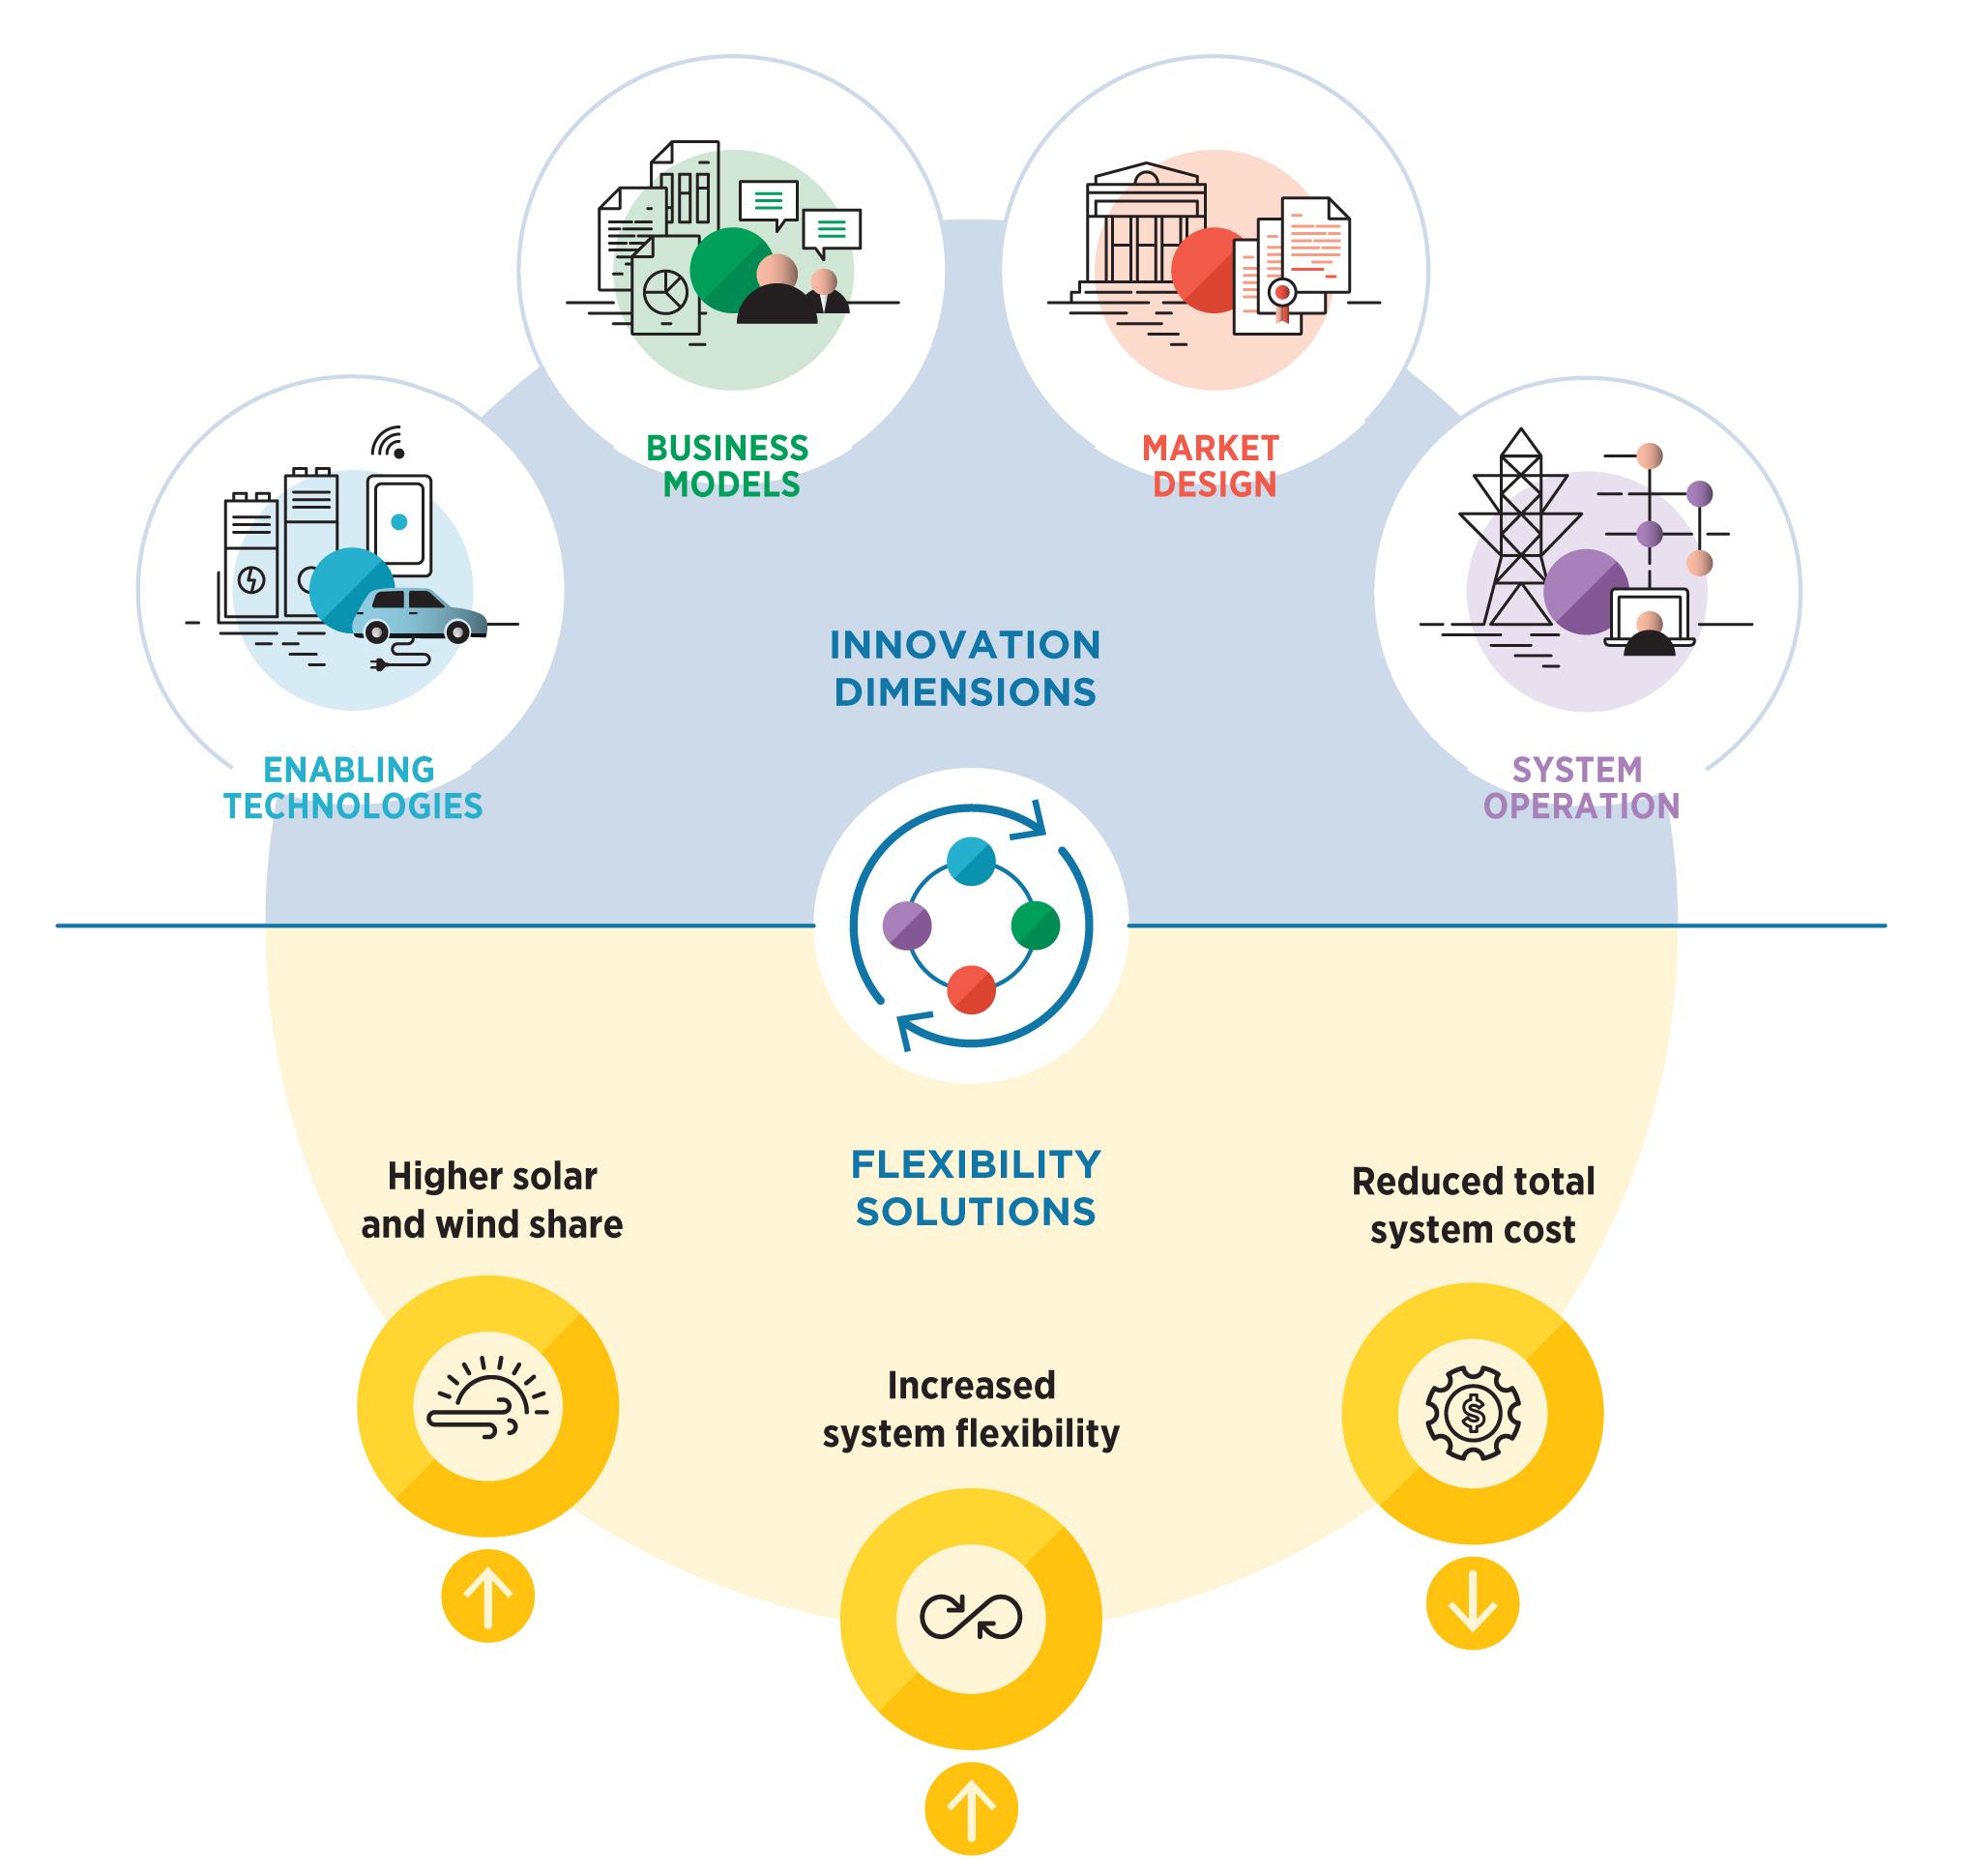 Рис. 1. Комбинация мероприятий и решений, обеспечивающих гибкость в энергетике. Источник: IRENA - «Innovation landscape for a renewable-powered future», февраль 2019.